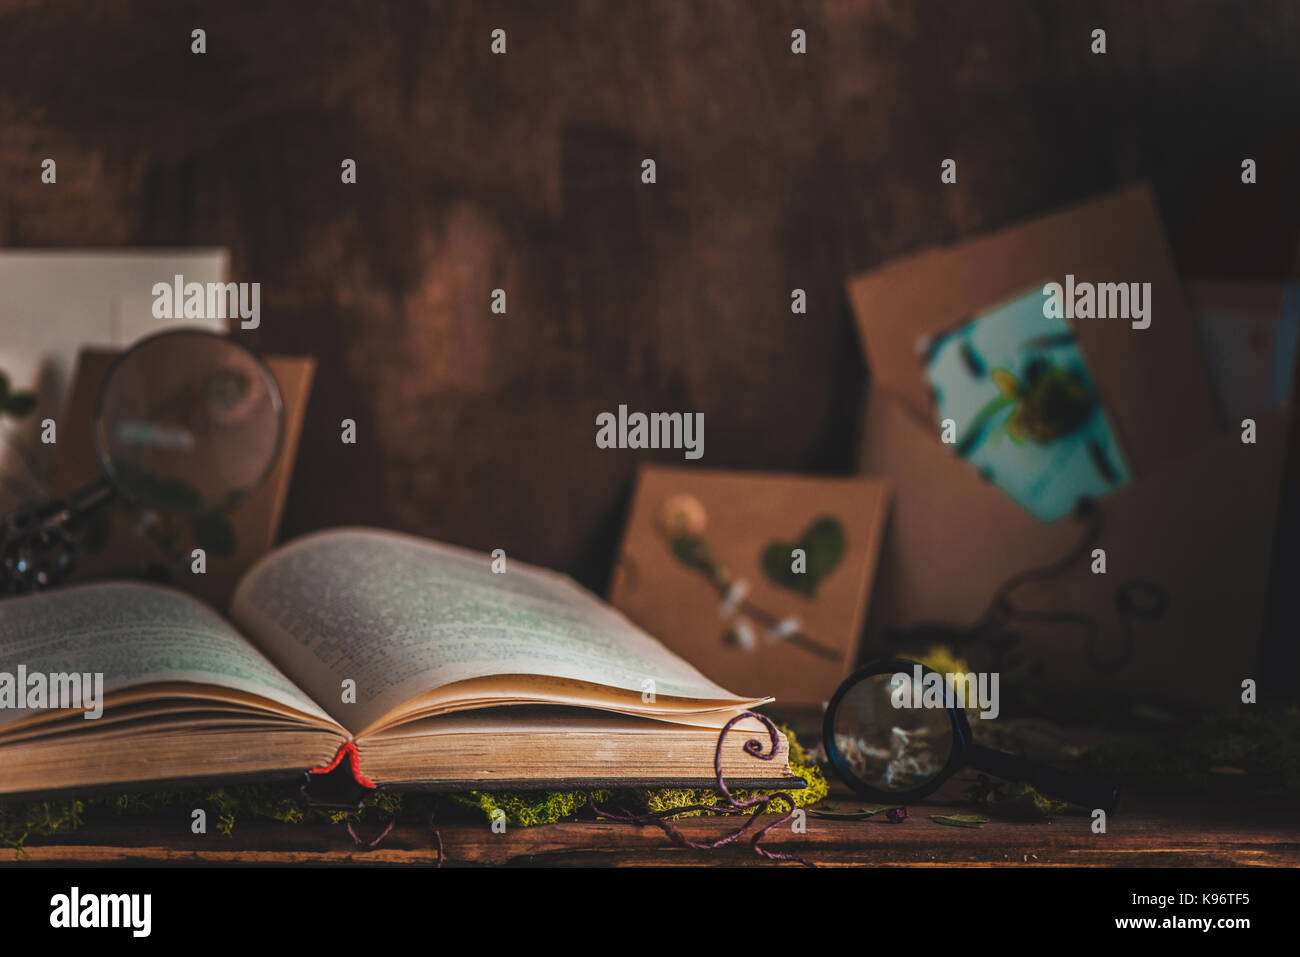 Warm noch Leben mit einem offenen Buch, Schere, getrocknete Pflanzen, Moos und Handwerk Papier Umschläge Stockbild